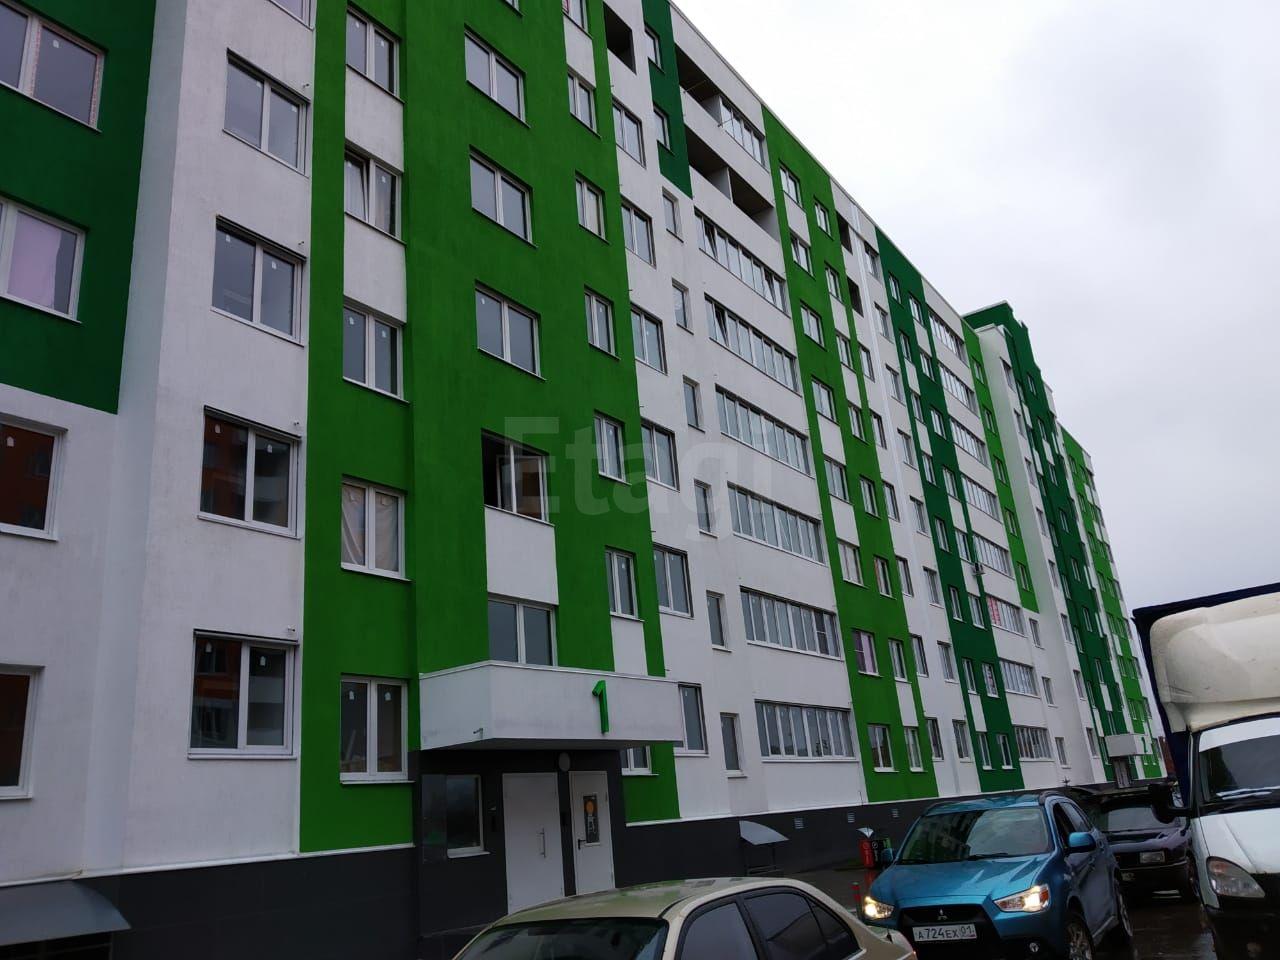 Продается однокомнатная квартира за 1 250 000 рублей. Новознаменский жилой район, ул. Войсковая (12.1 км до центра).